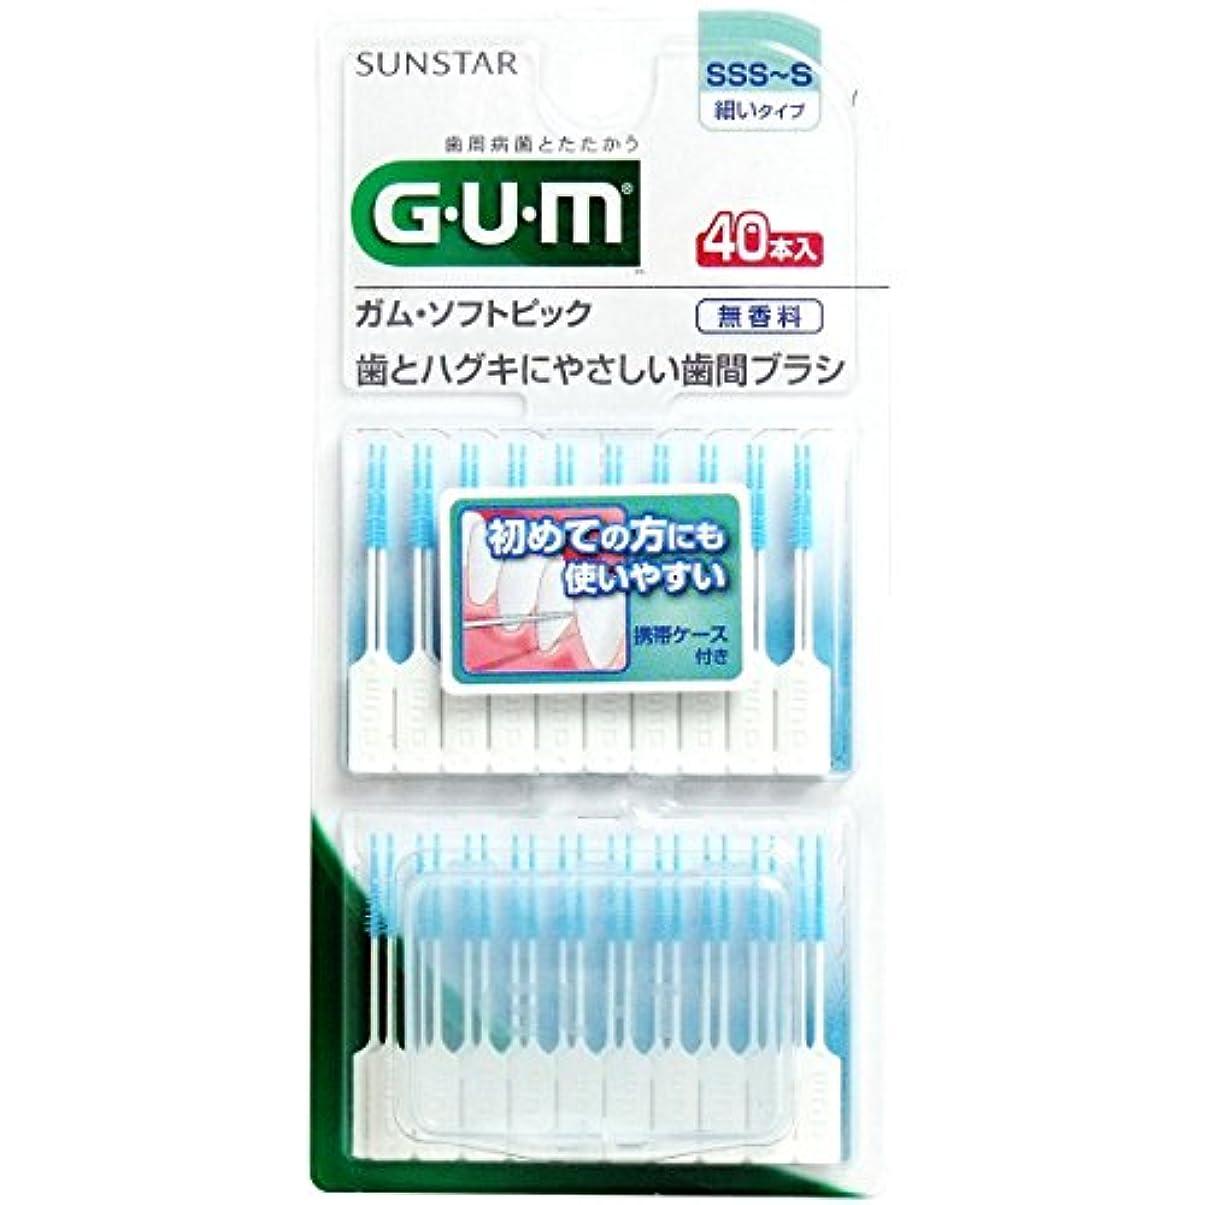 補助金閲覧する時代遅れ【まとめ買い】GUM(ガム) ソフトピック40P 無香料 [SSS~S] (4個)